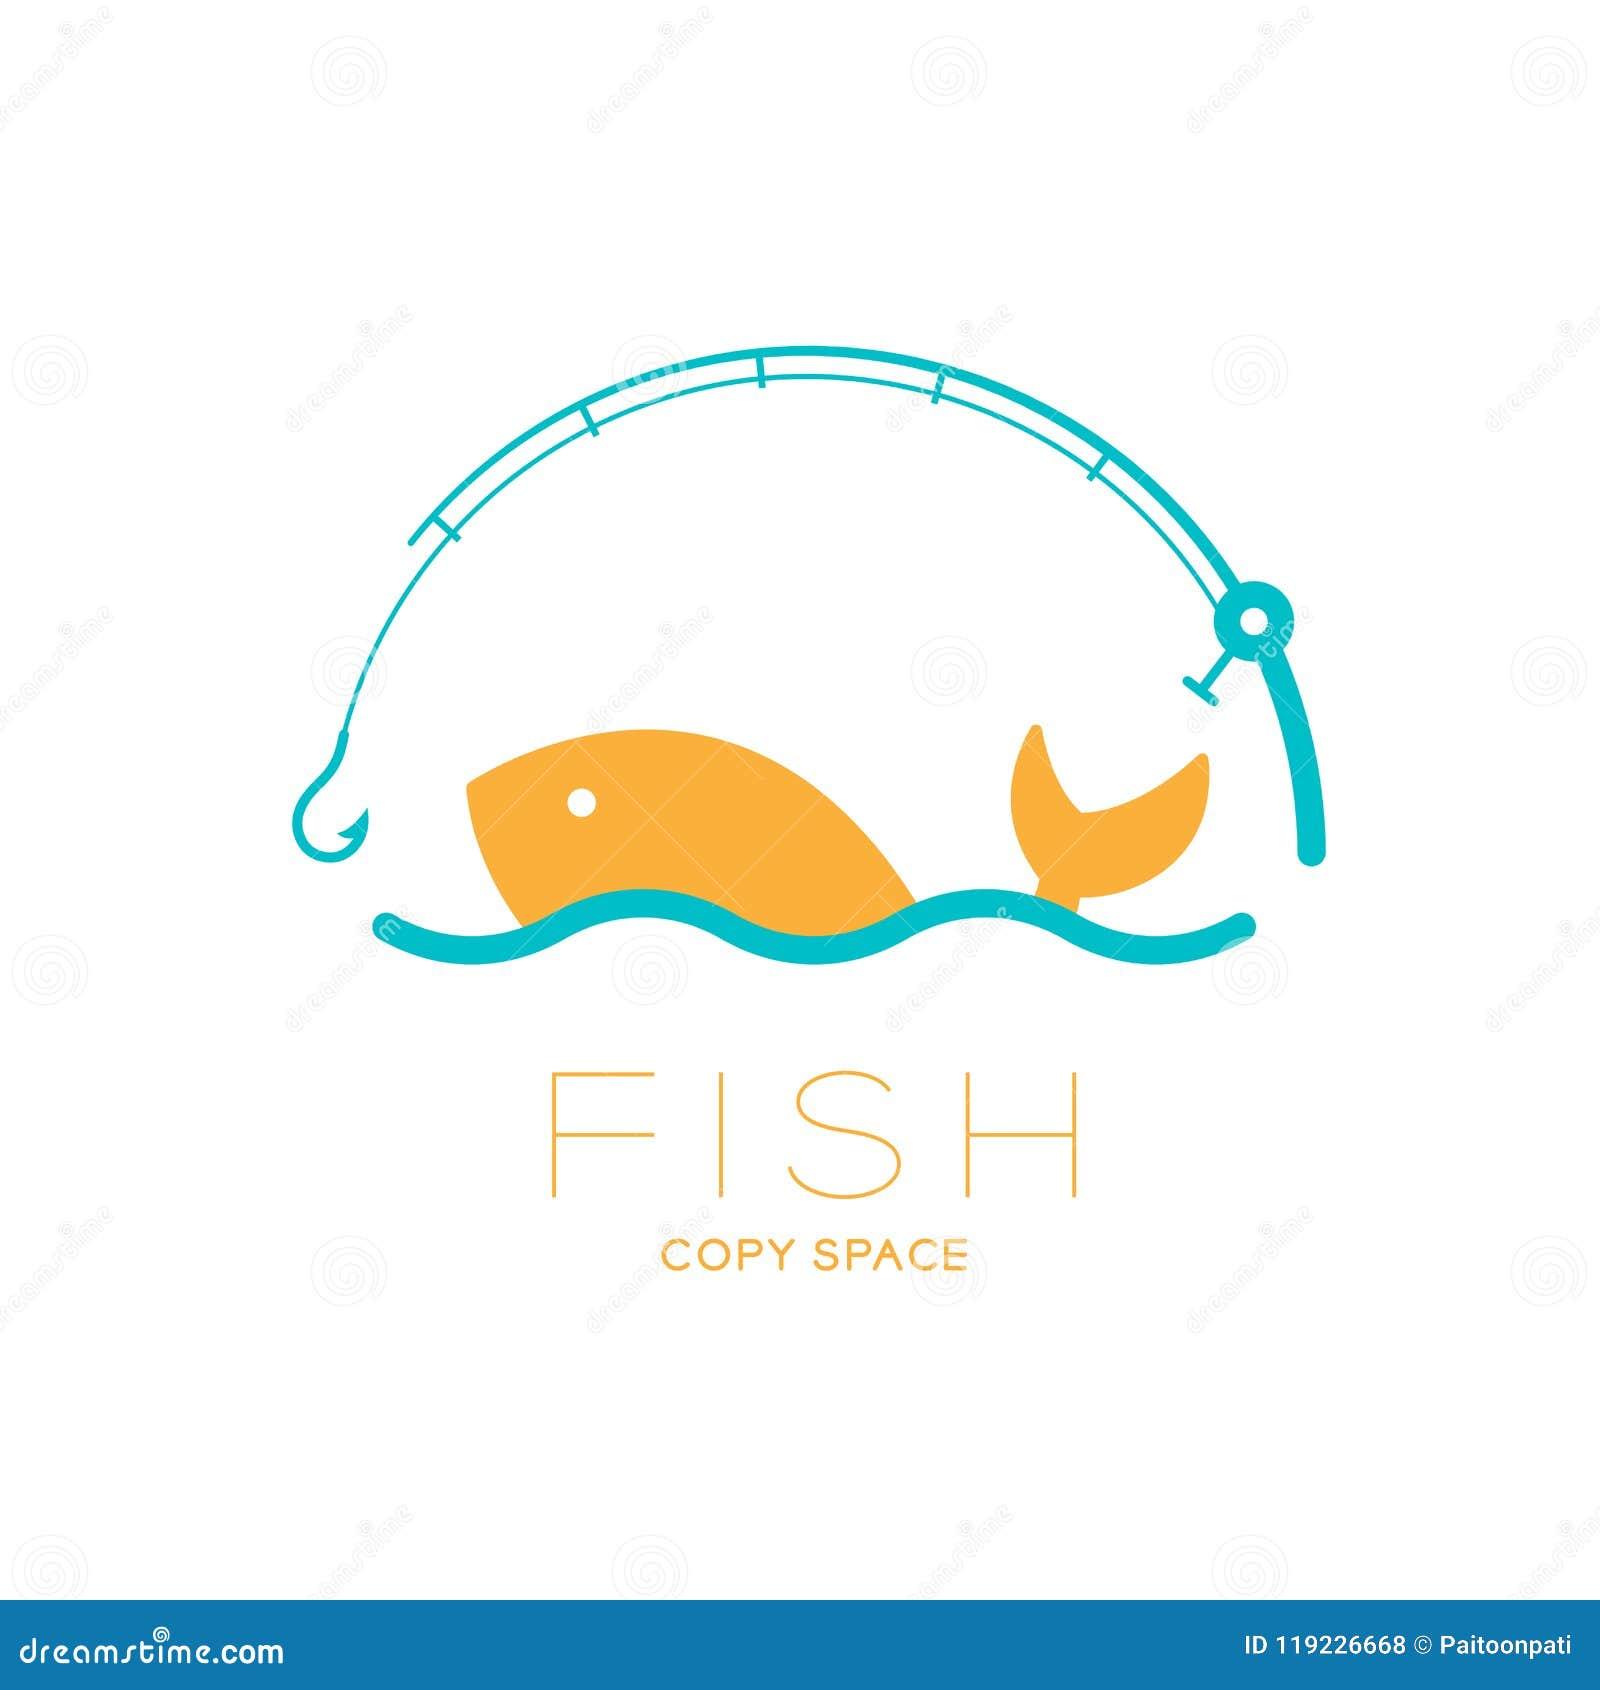 Los pescados y el mar en caña de pescar curvan el marco, ejemplo del diseño determinado del icono del logotipo